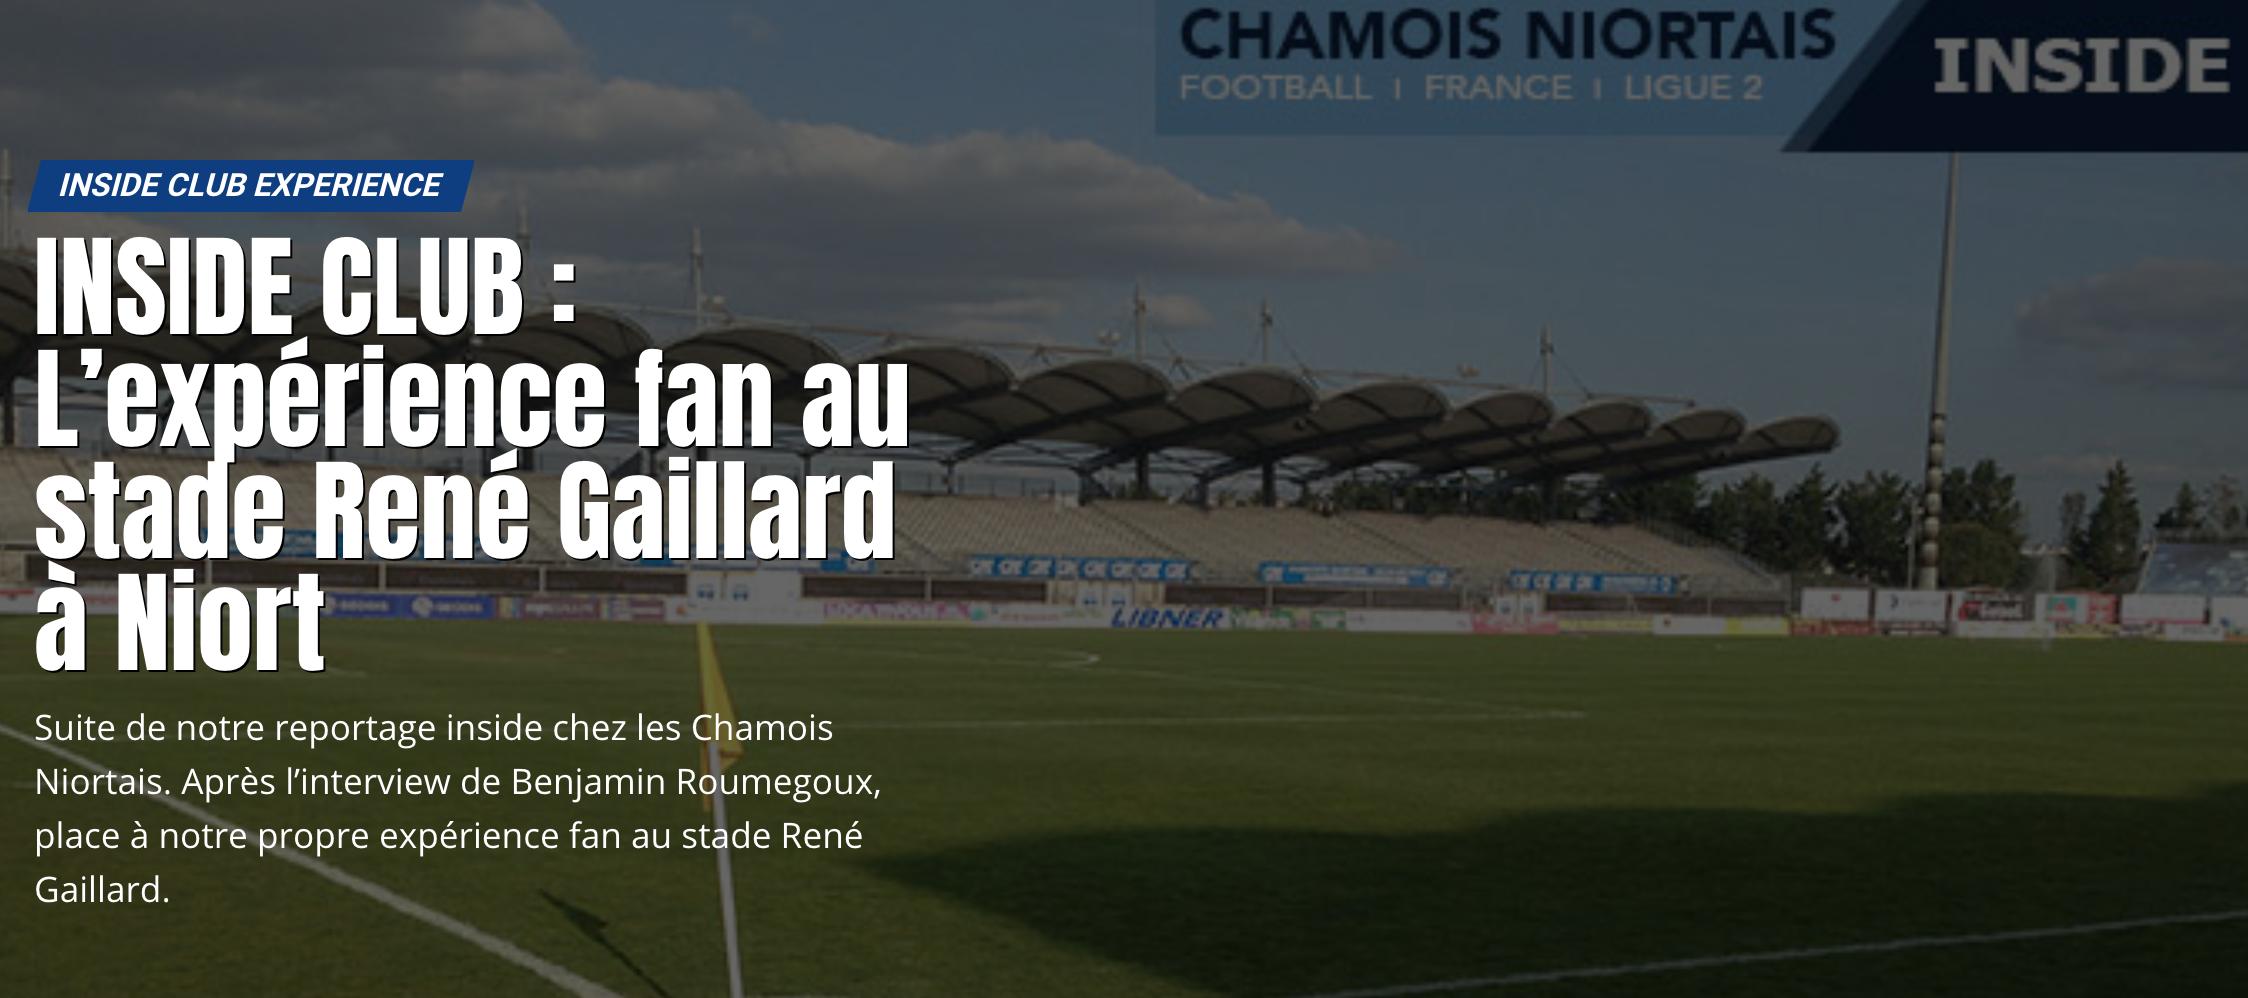 Inside club au Chamois Niortais